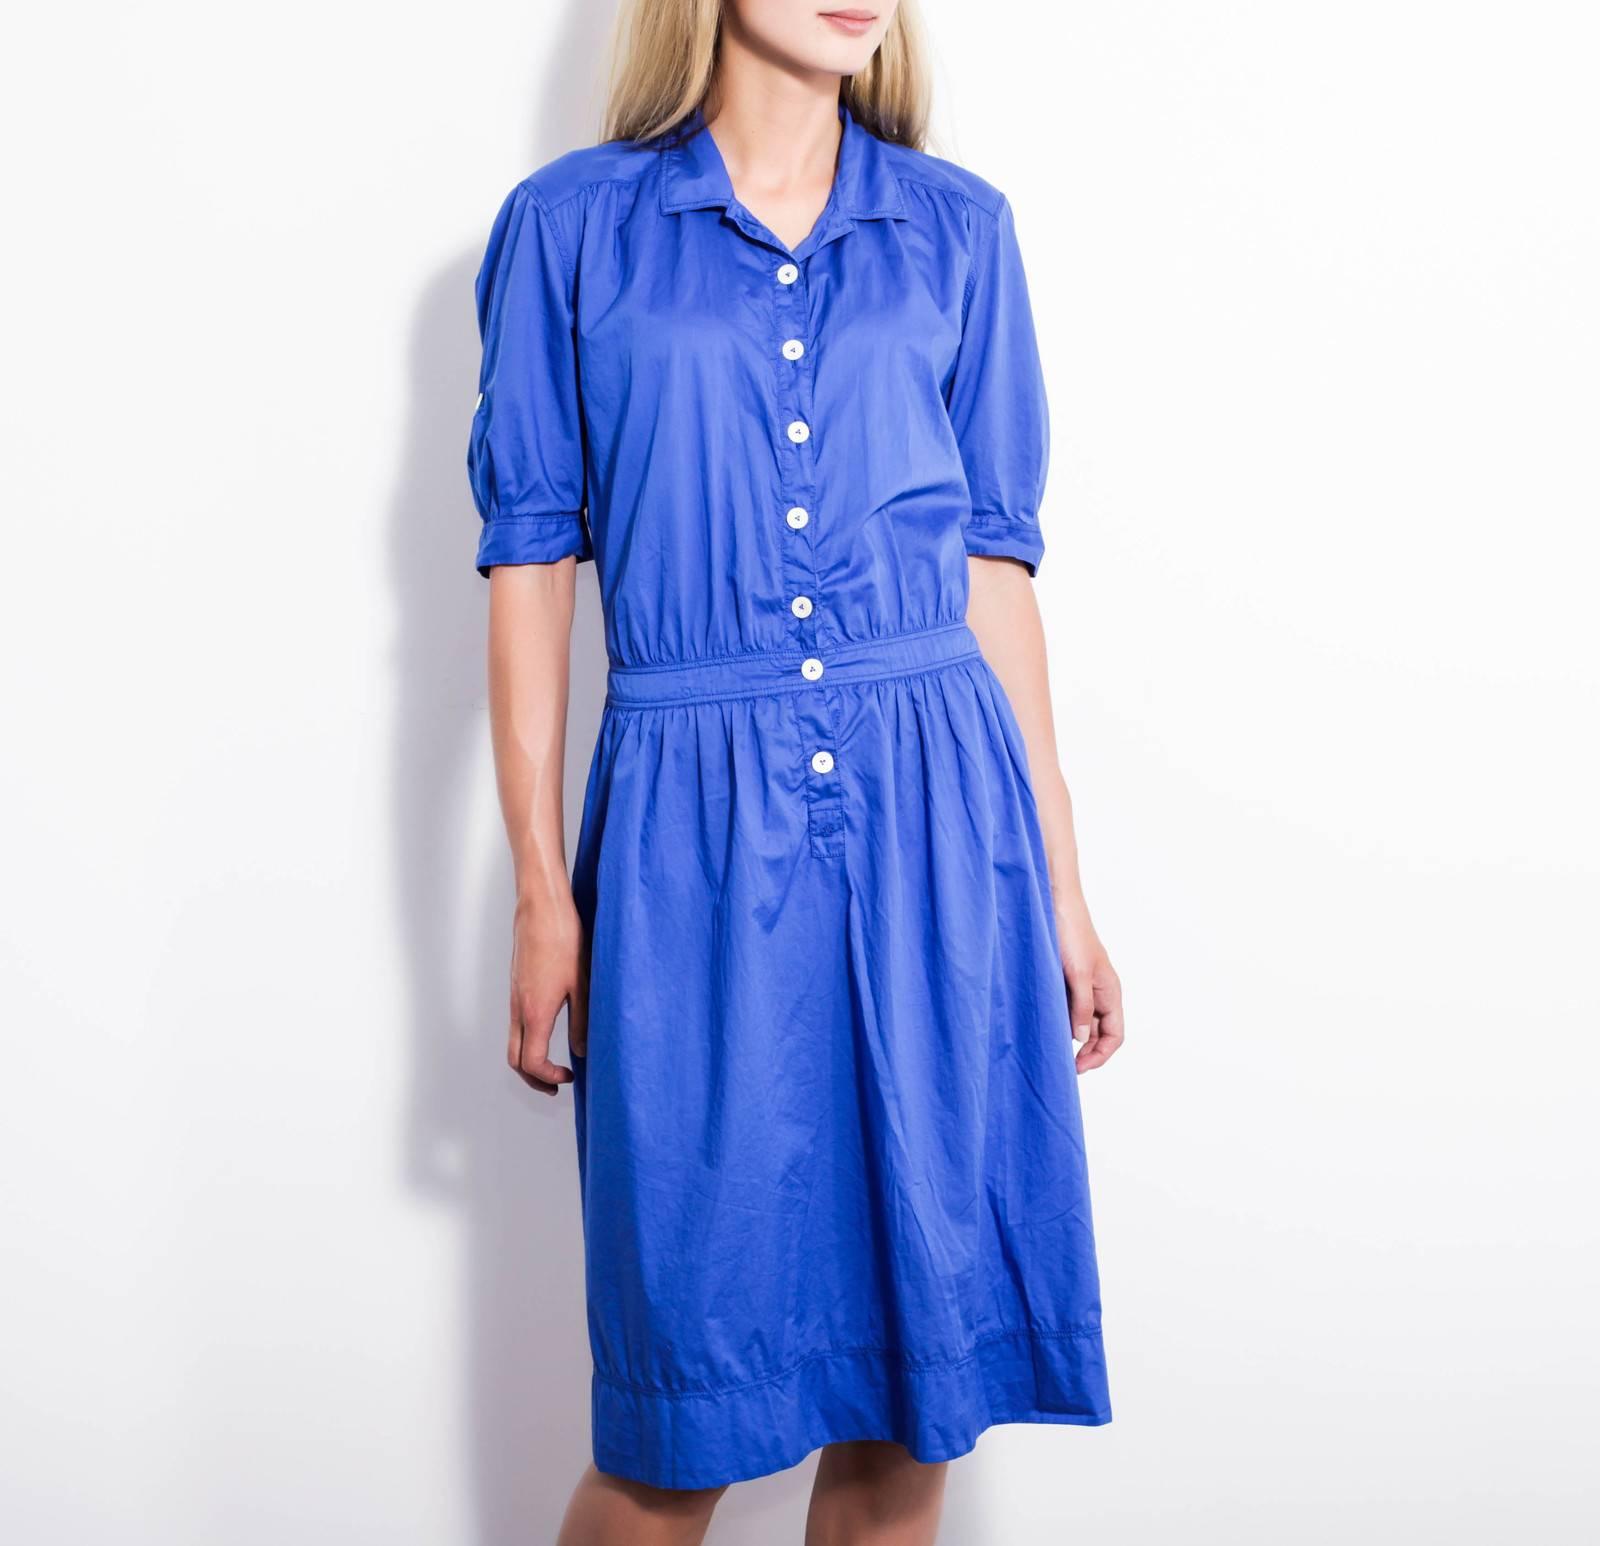 6f754cc2a41 Купить платье Van Laack в Москве с доставкой по цене 4200 рублей ...